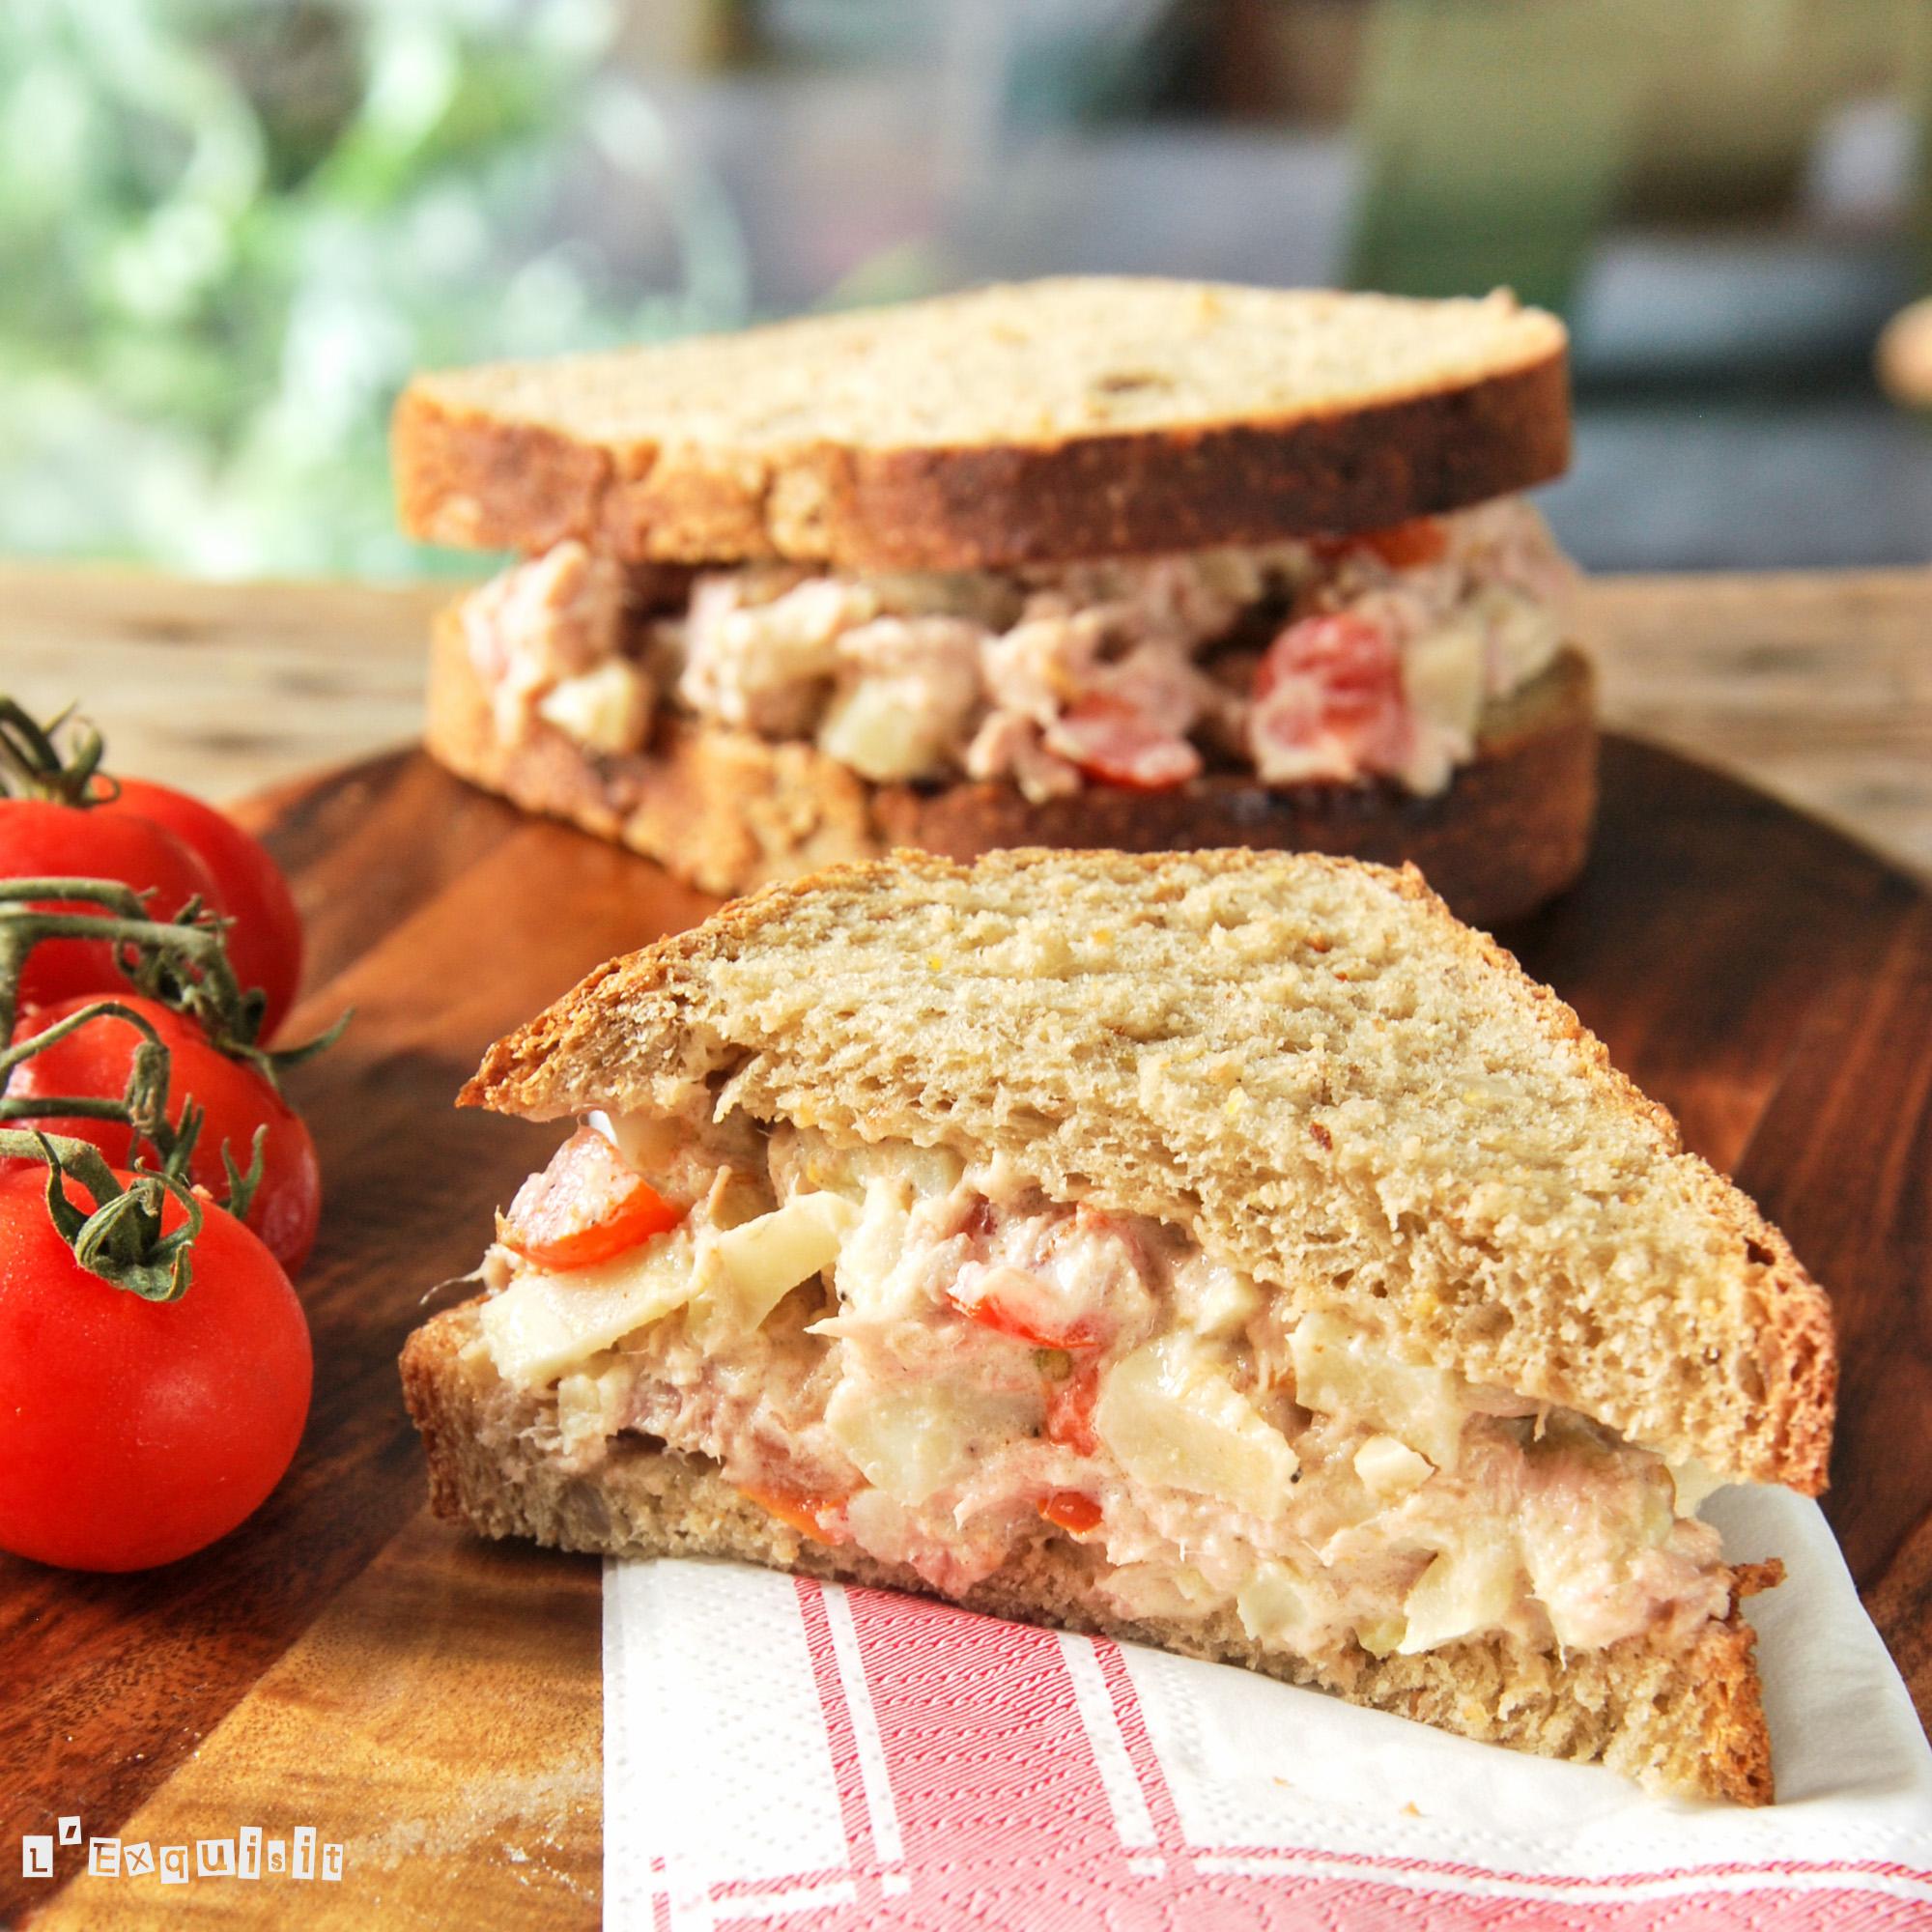 Sandwich de atun y alcachofas - L´Exquisit